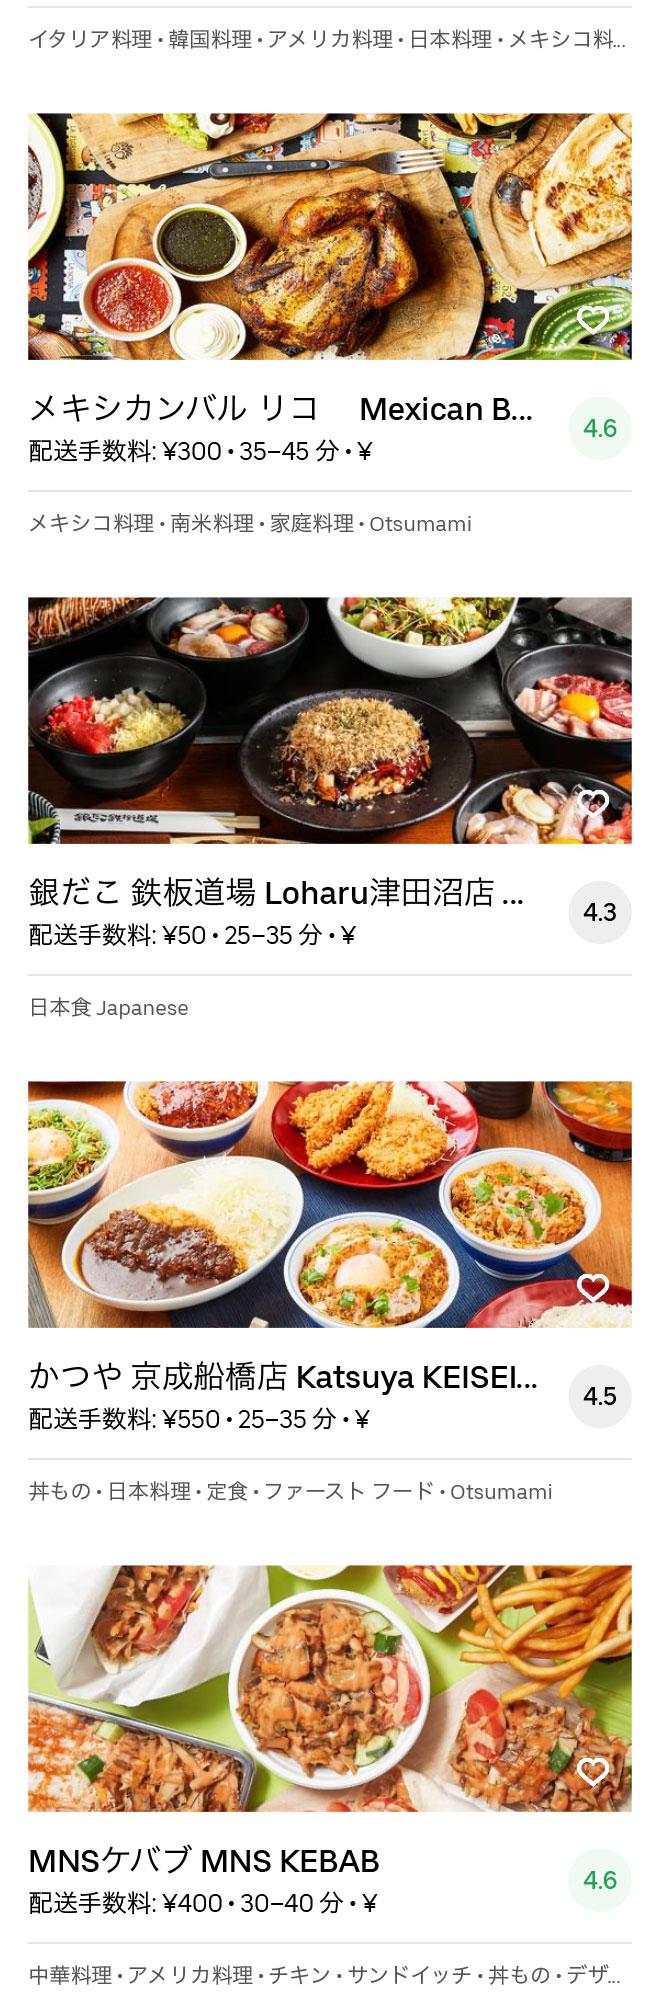 Narashino tudanuma menu 2004 07